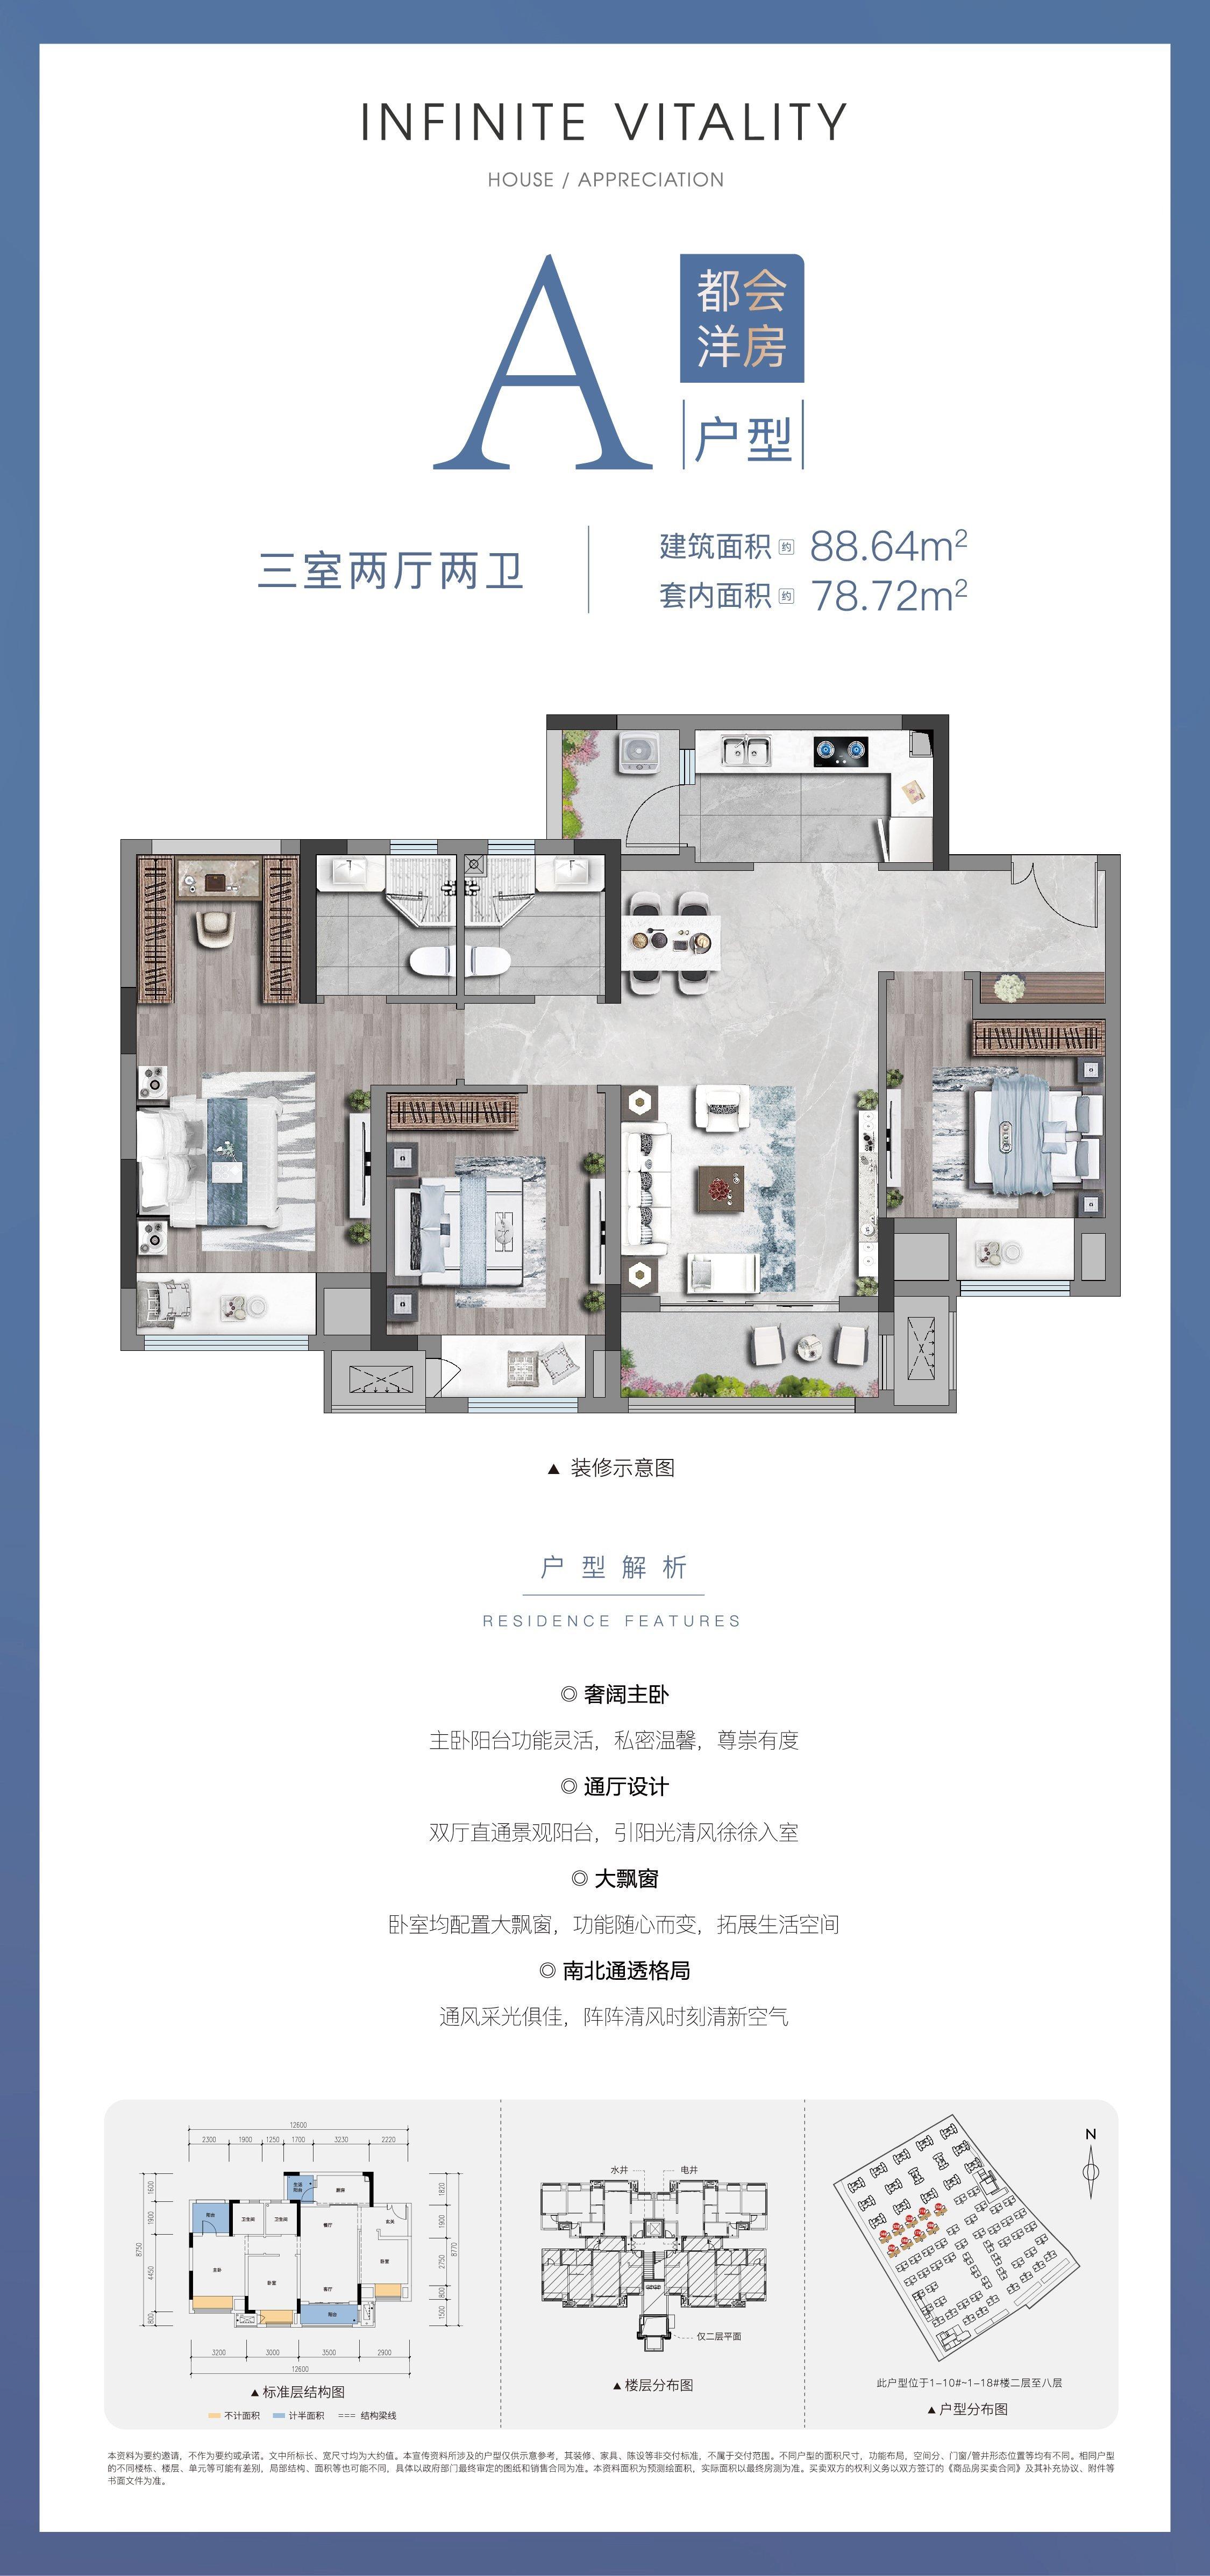 璧山区璧山街道联发黛山璟悦新房洋房A1户型户型图